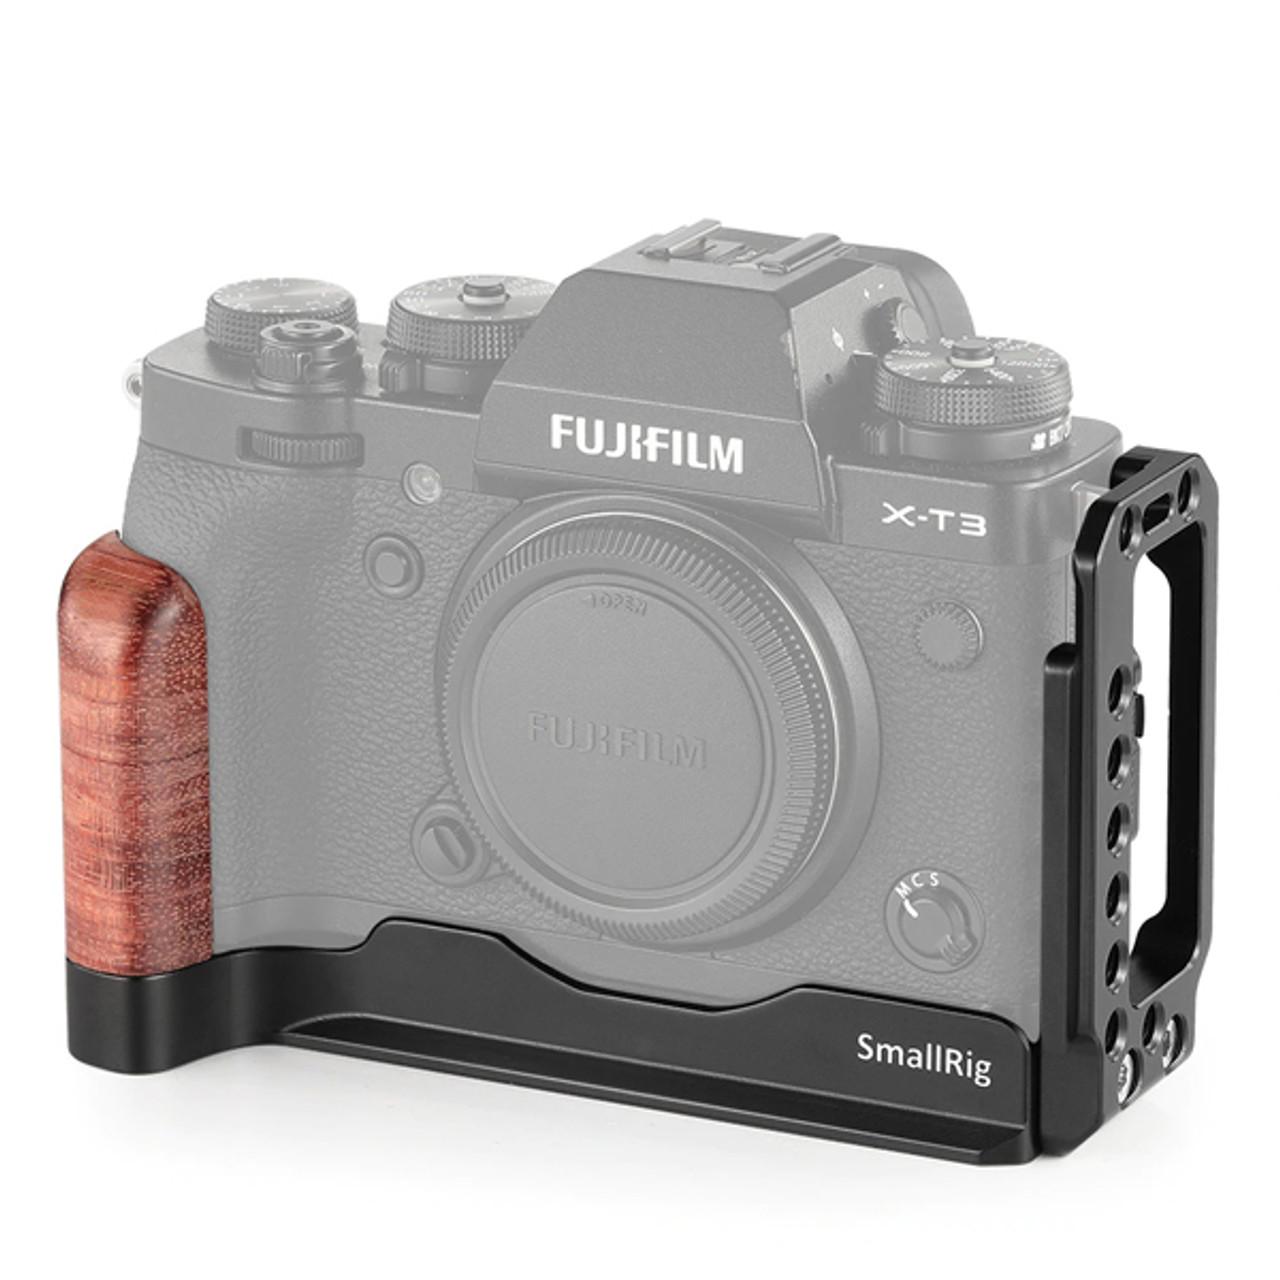 SmallRig L-Bracket for Fujifilm X-T3 and X-T2 Camera (2253)